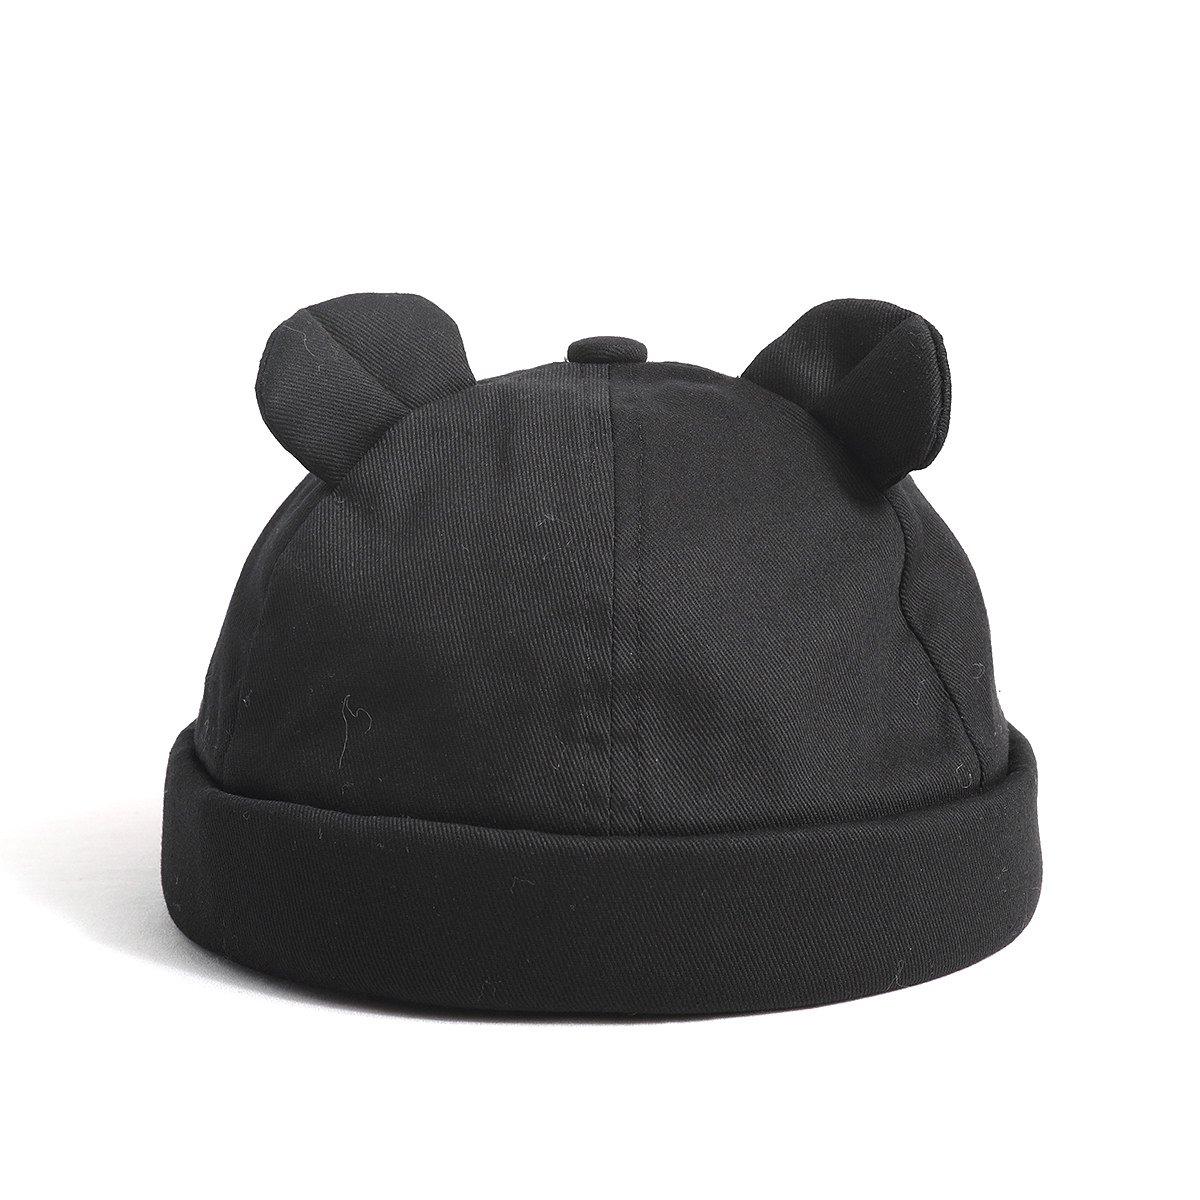 【KIDS】Bear Roll Cap 詳細画像1